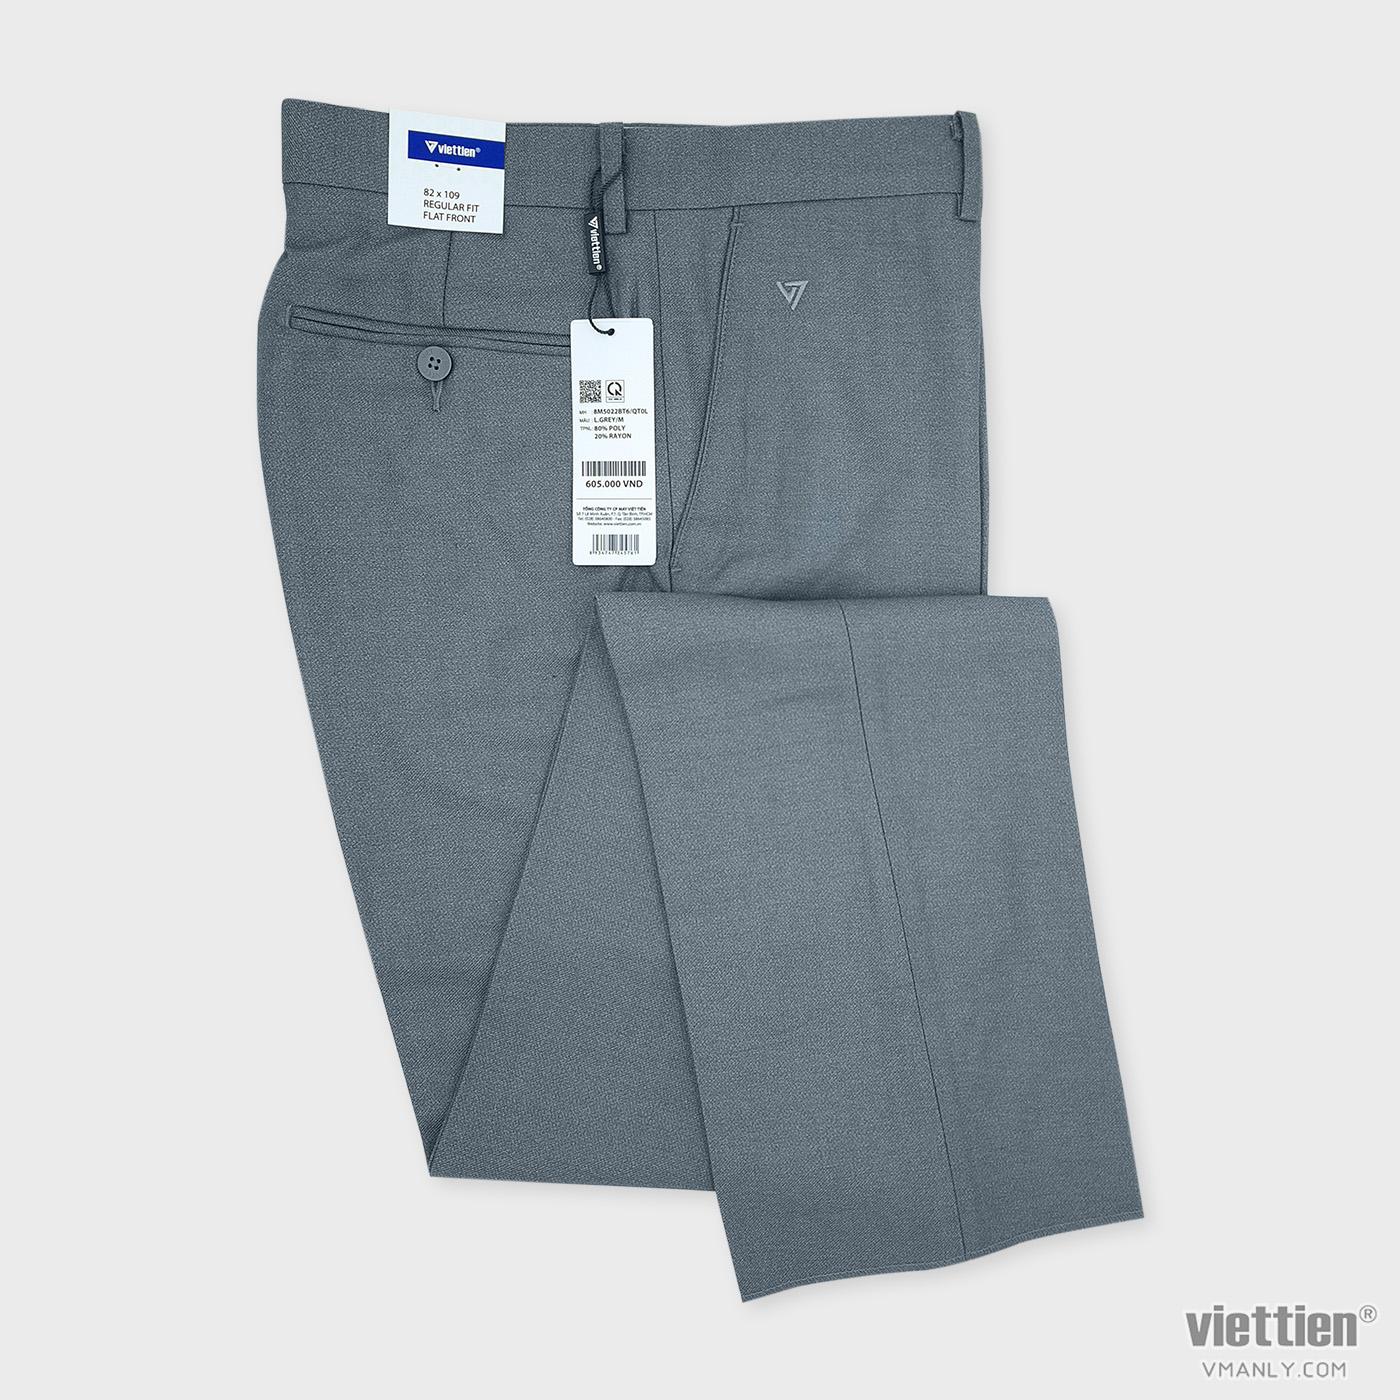 Quần tây Việt Tiến không li regular fit màu xám nhạt 8M5022BT6QT0L